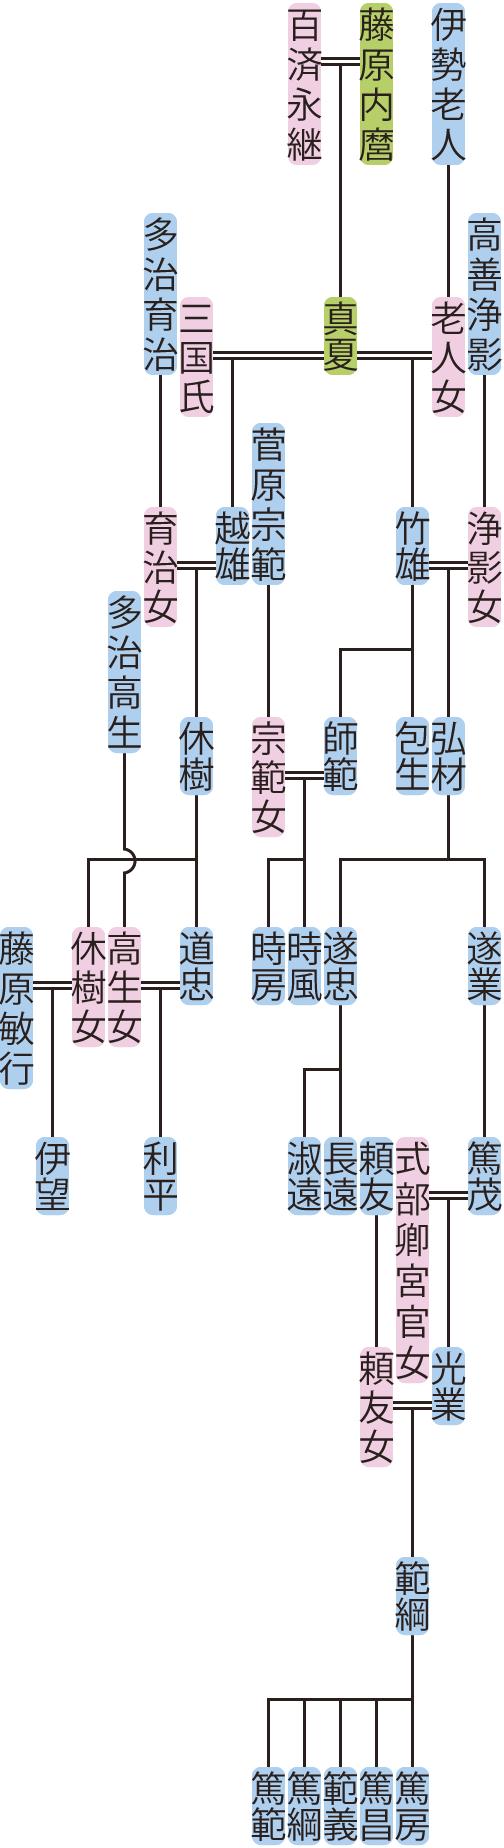 藤原越雄・竹雄の系図